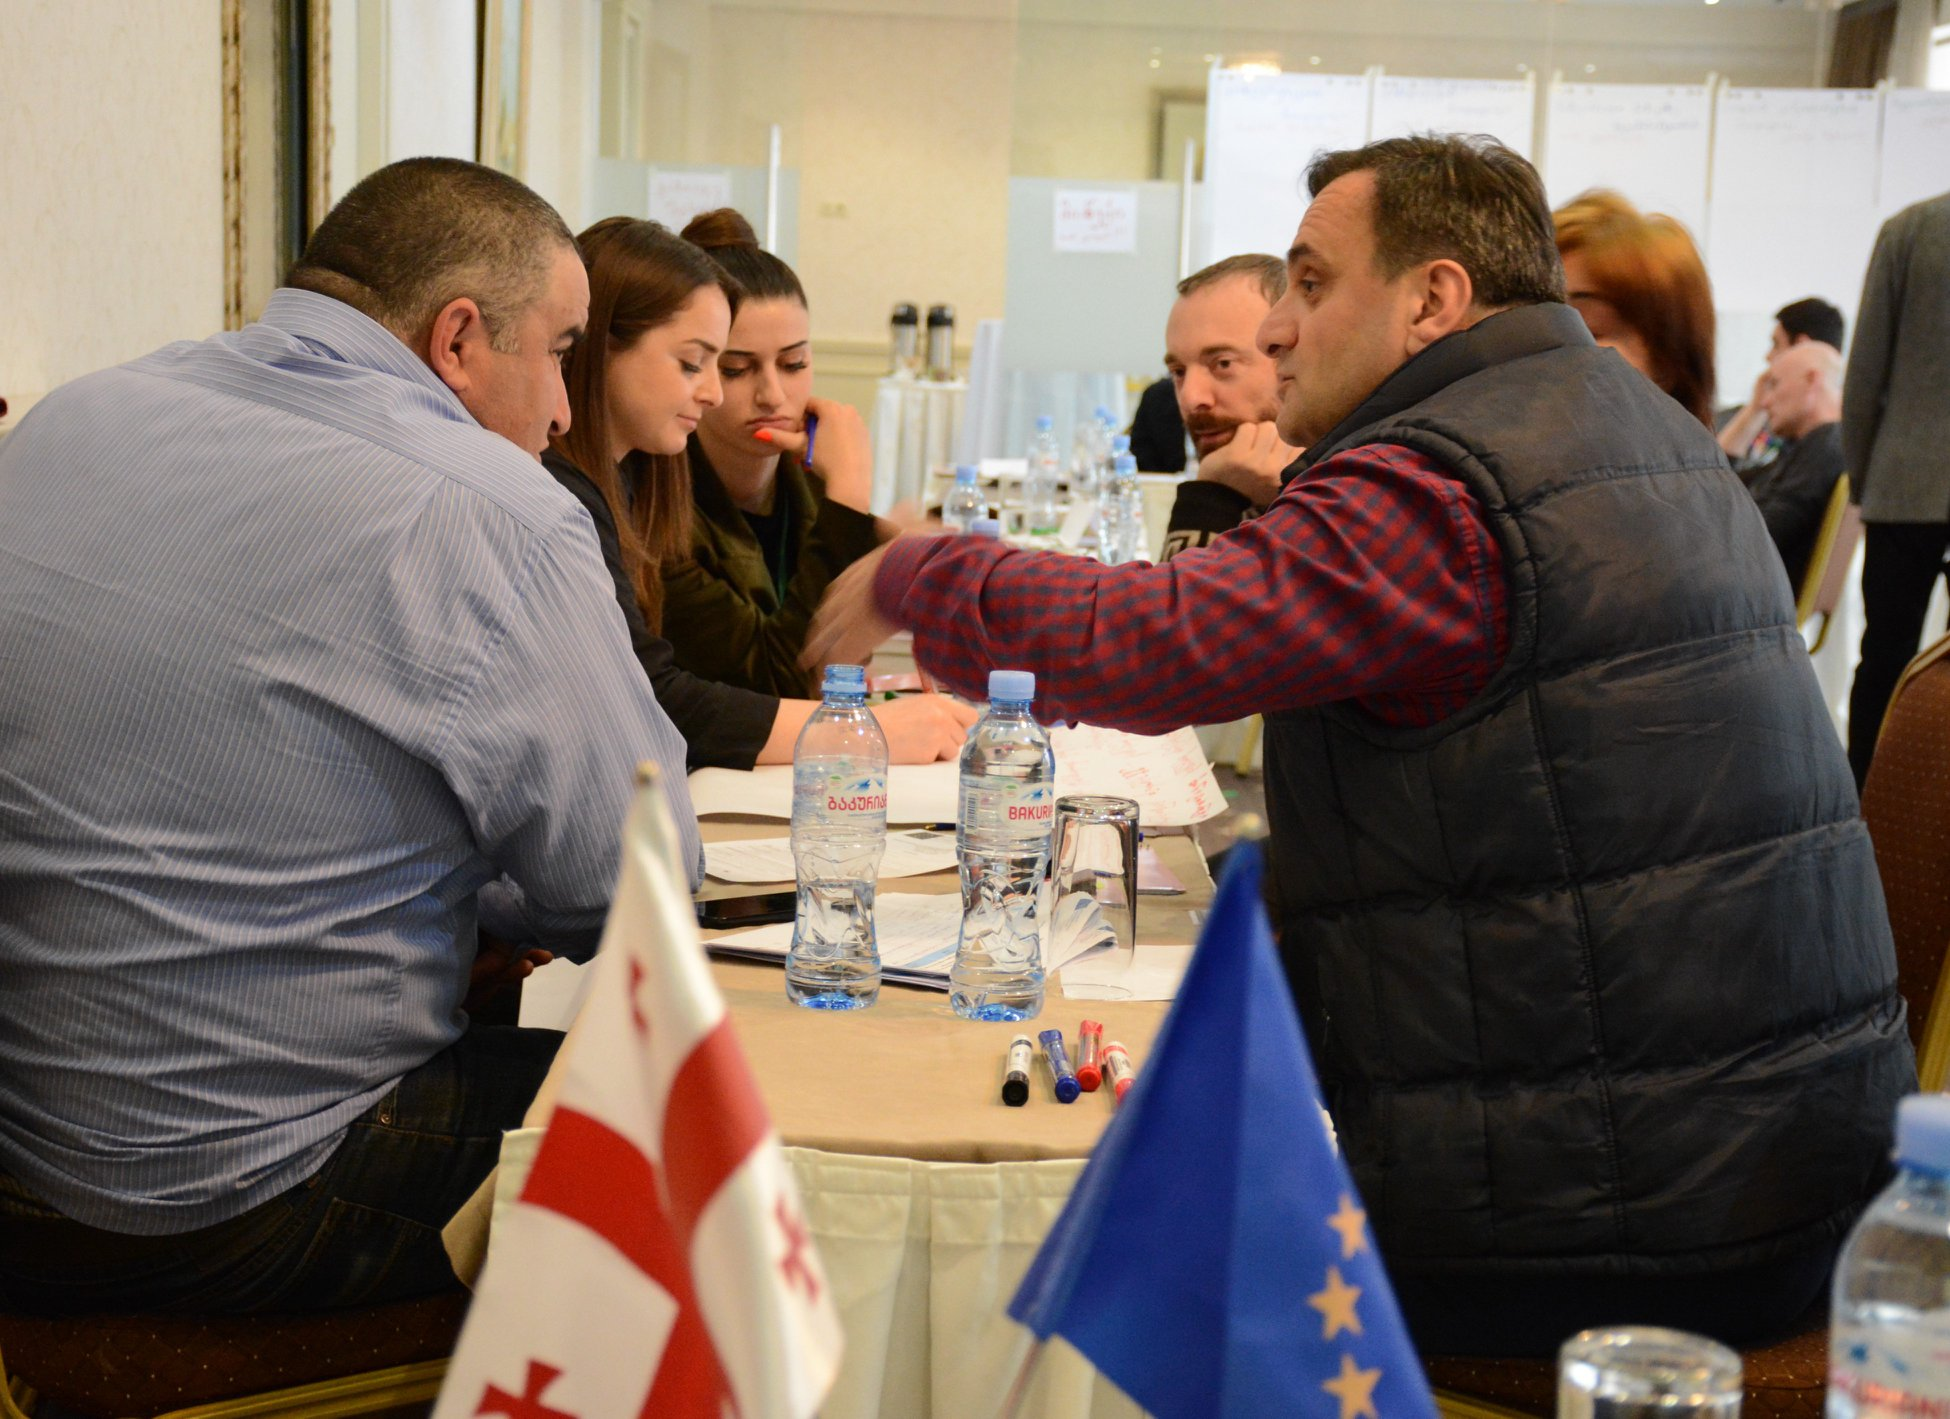 ტრენინგი: ევროკავშირსა და საქართველოს შორის ასოცირების შეთანხმების შესახებ